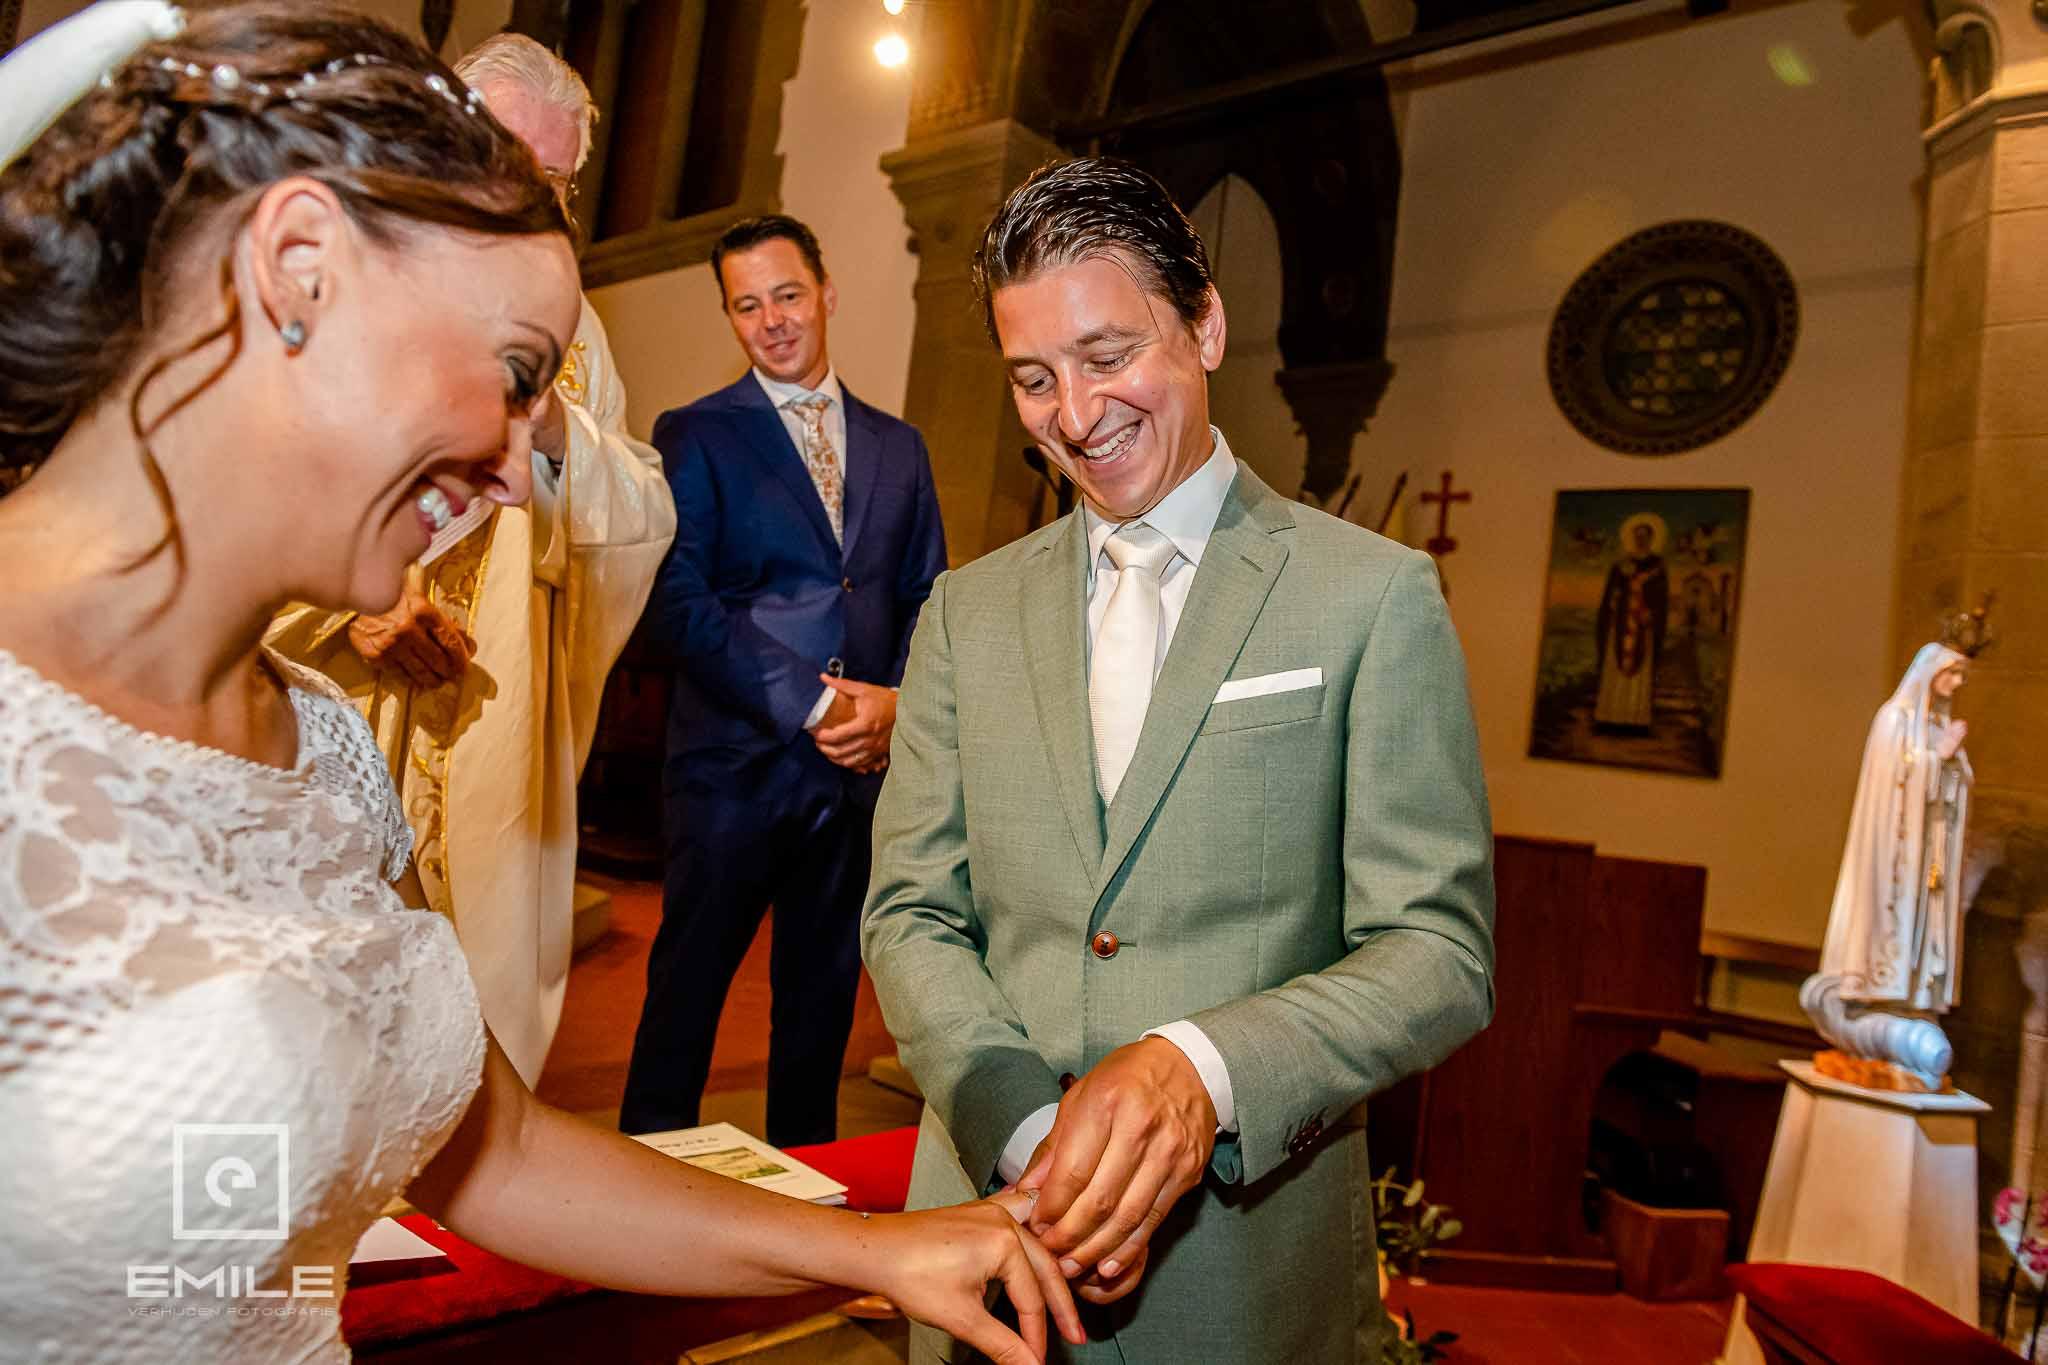 De ring wordt omgeschoven - Destination wedding San Gimignano - Toscane Italie - Iris en Job